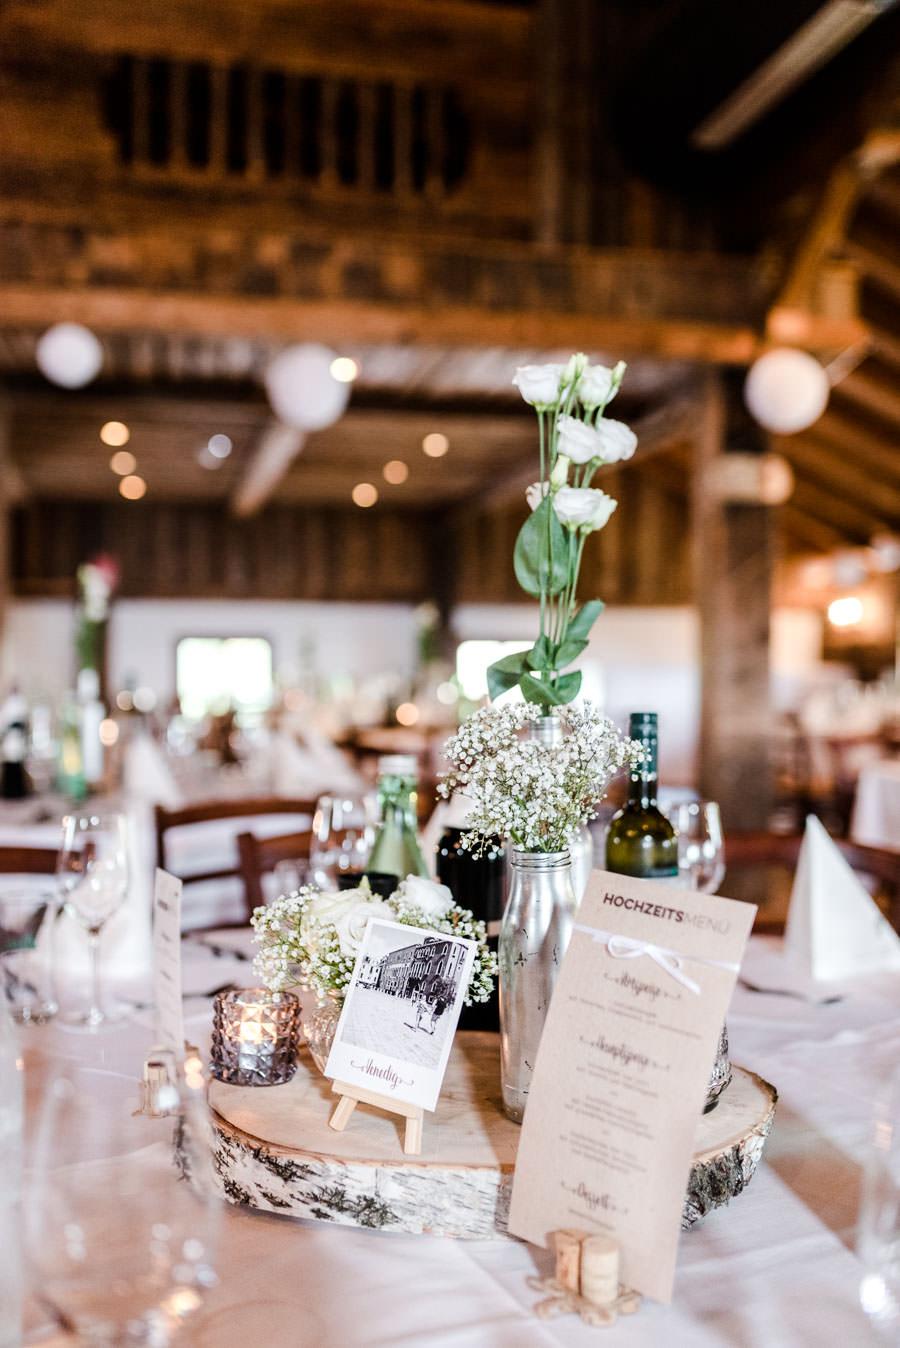 Wunderschöne Tischdekoration für Hochzeiten